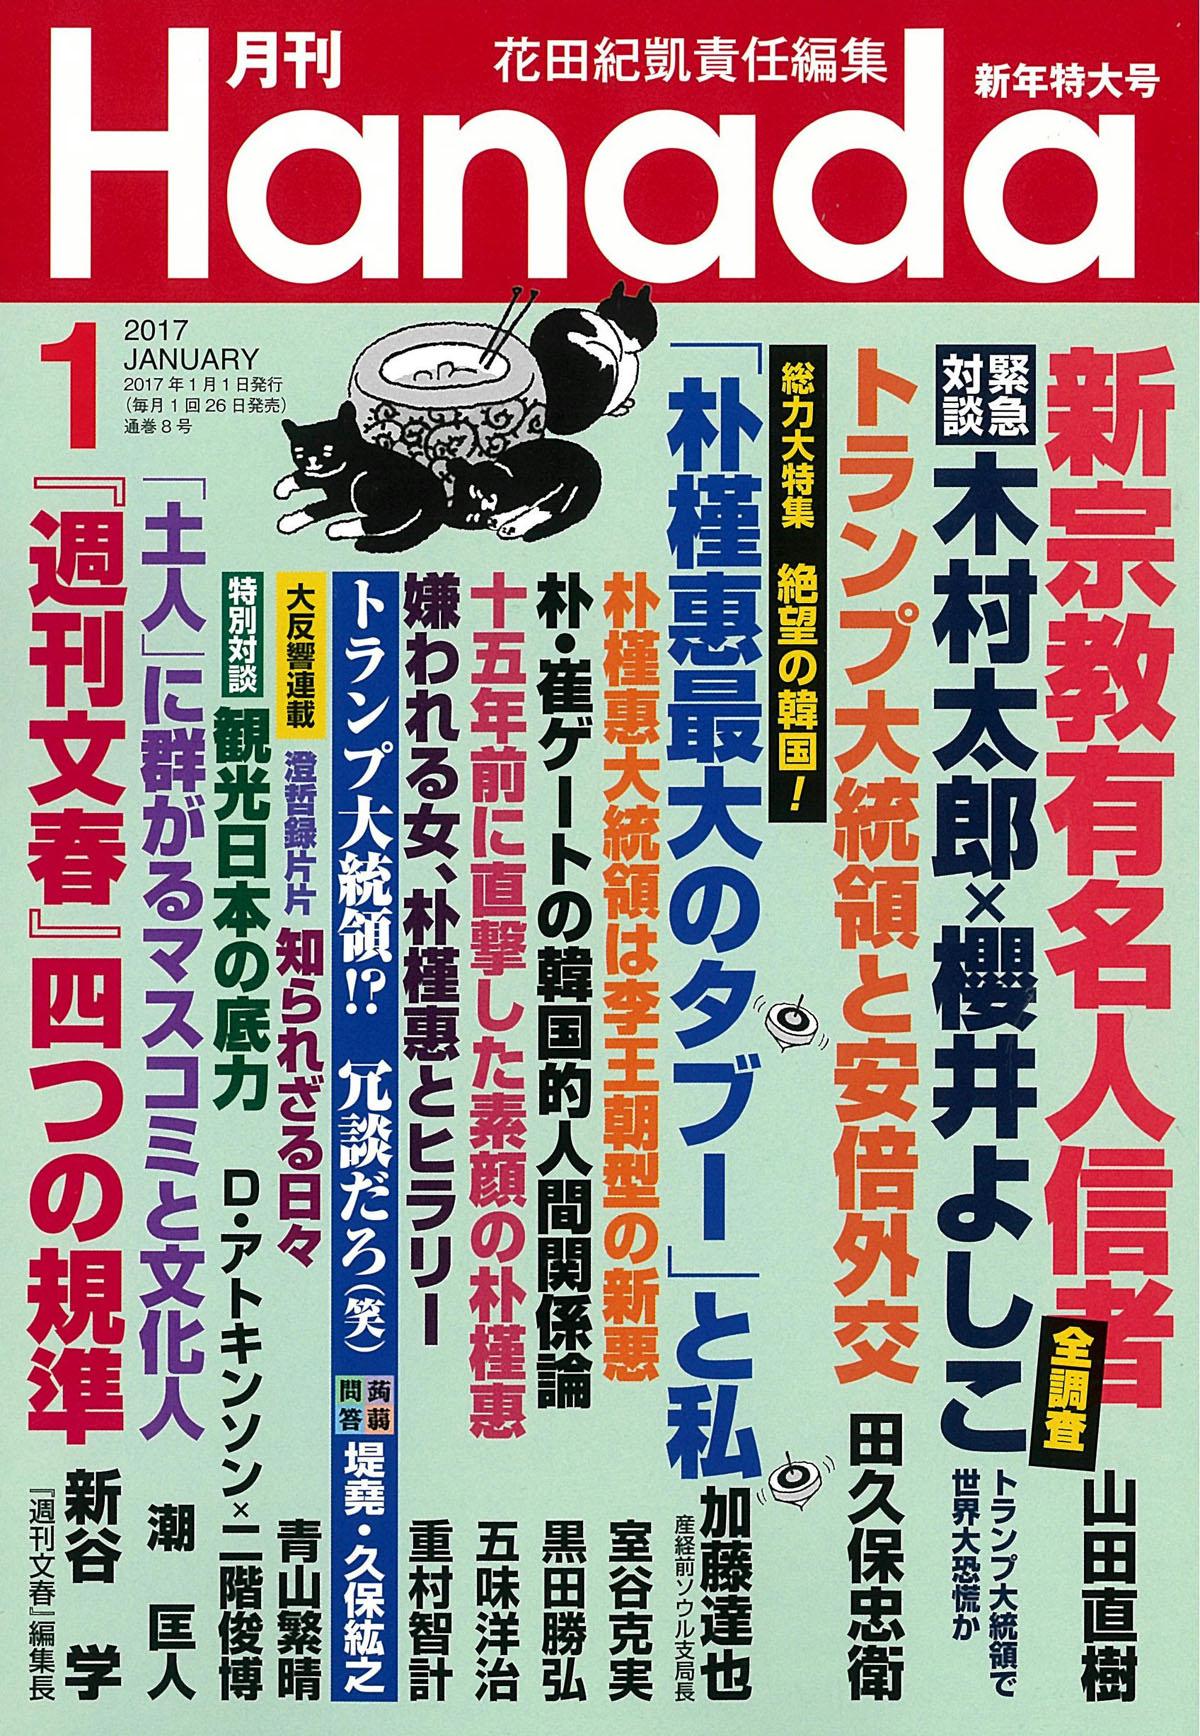 月刊Hanada 新年特大号